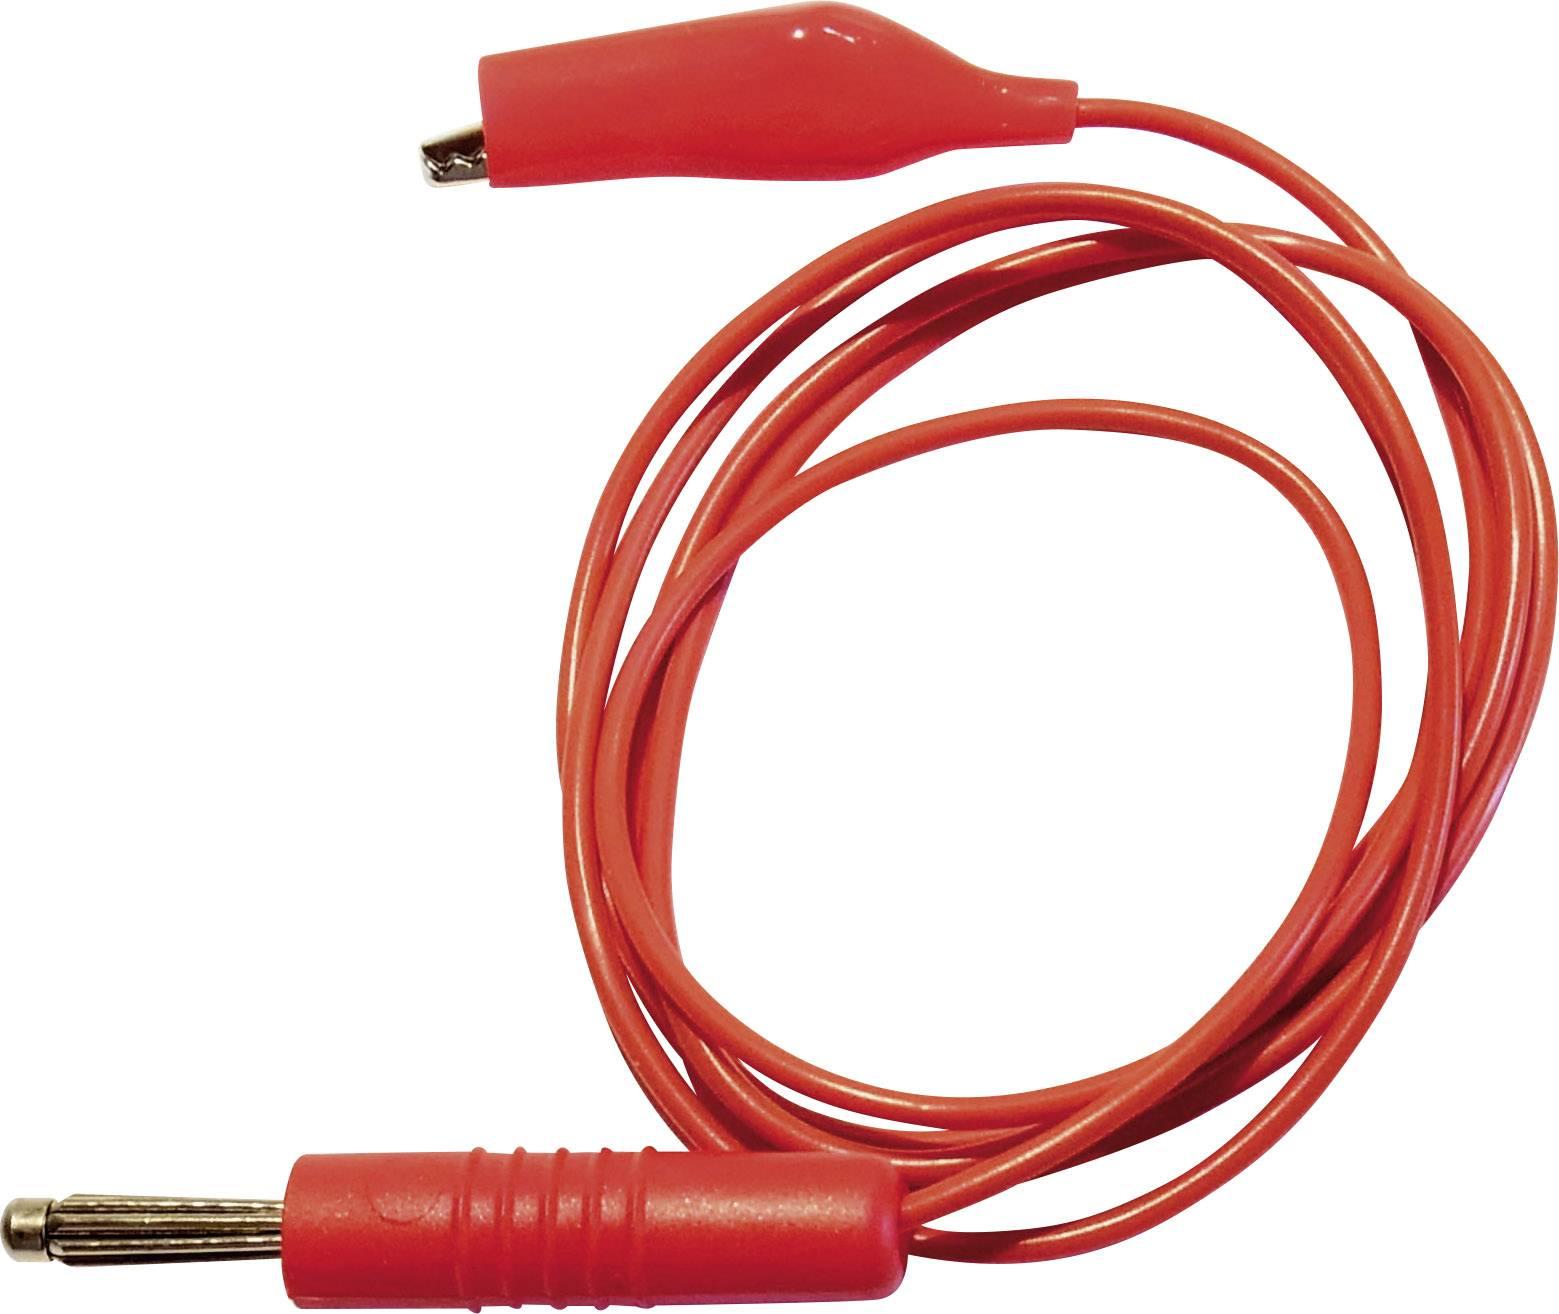 Merací vodič Schnepp s krokosvorkou a 4 mm banánikom, červený